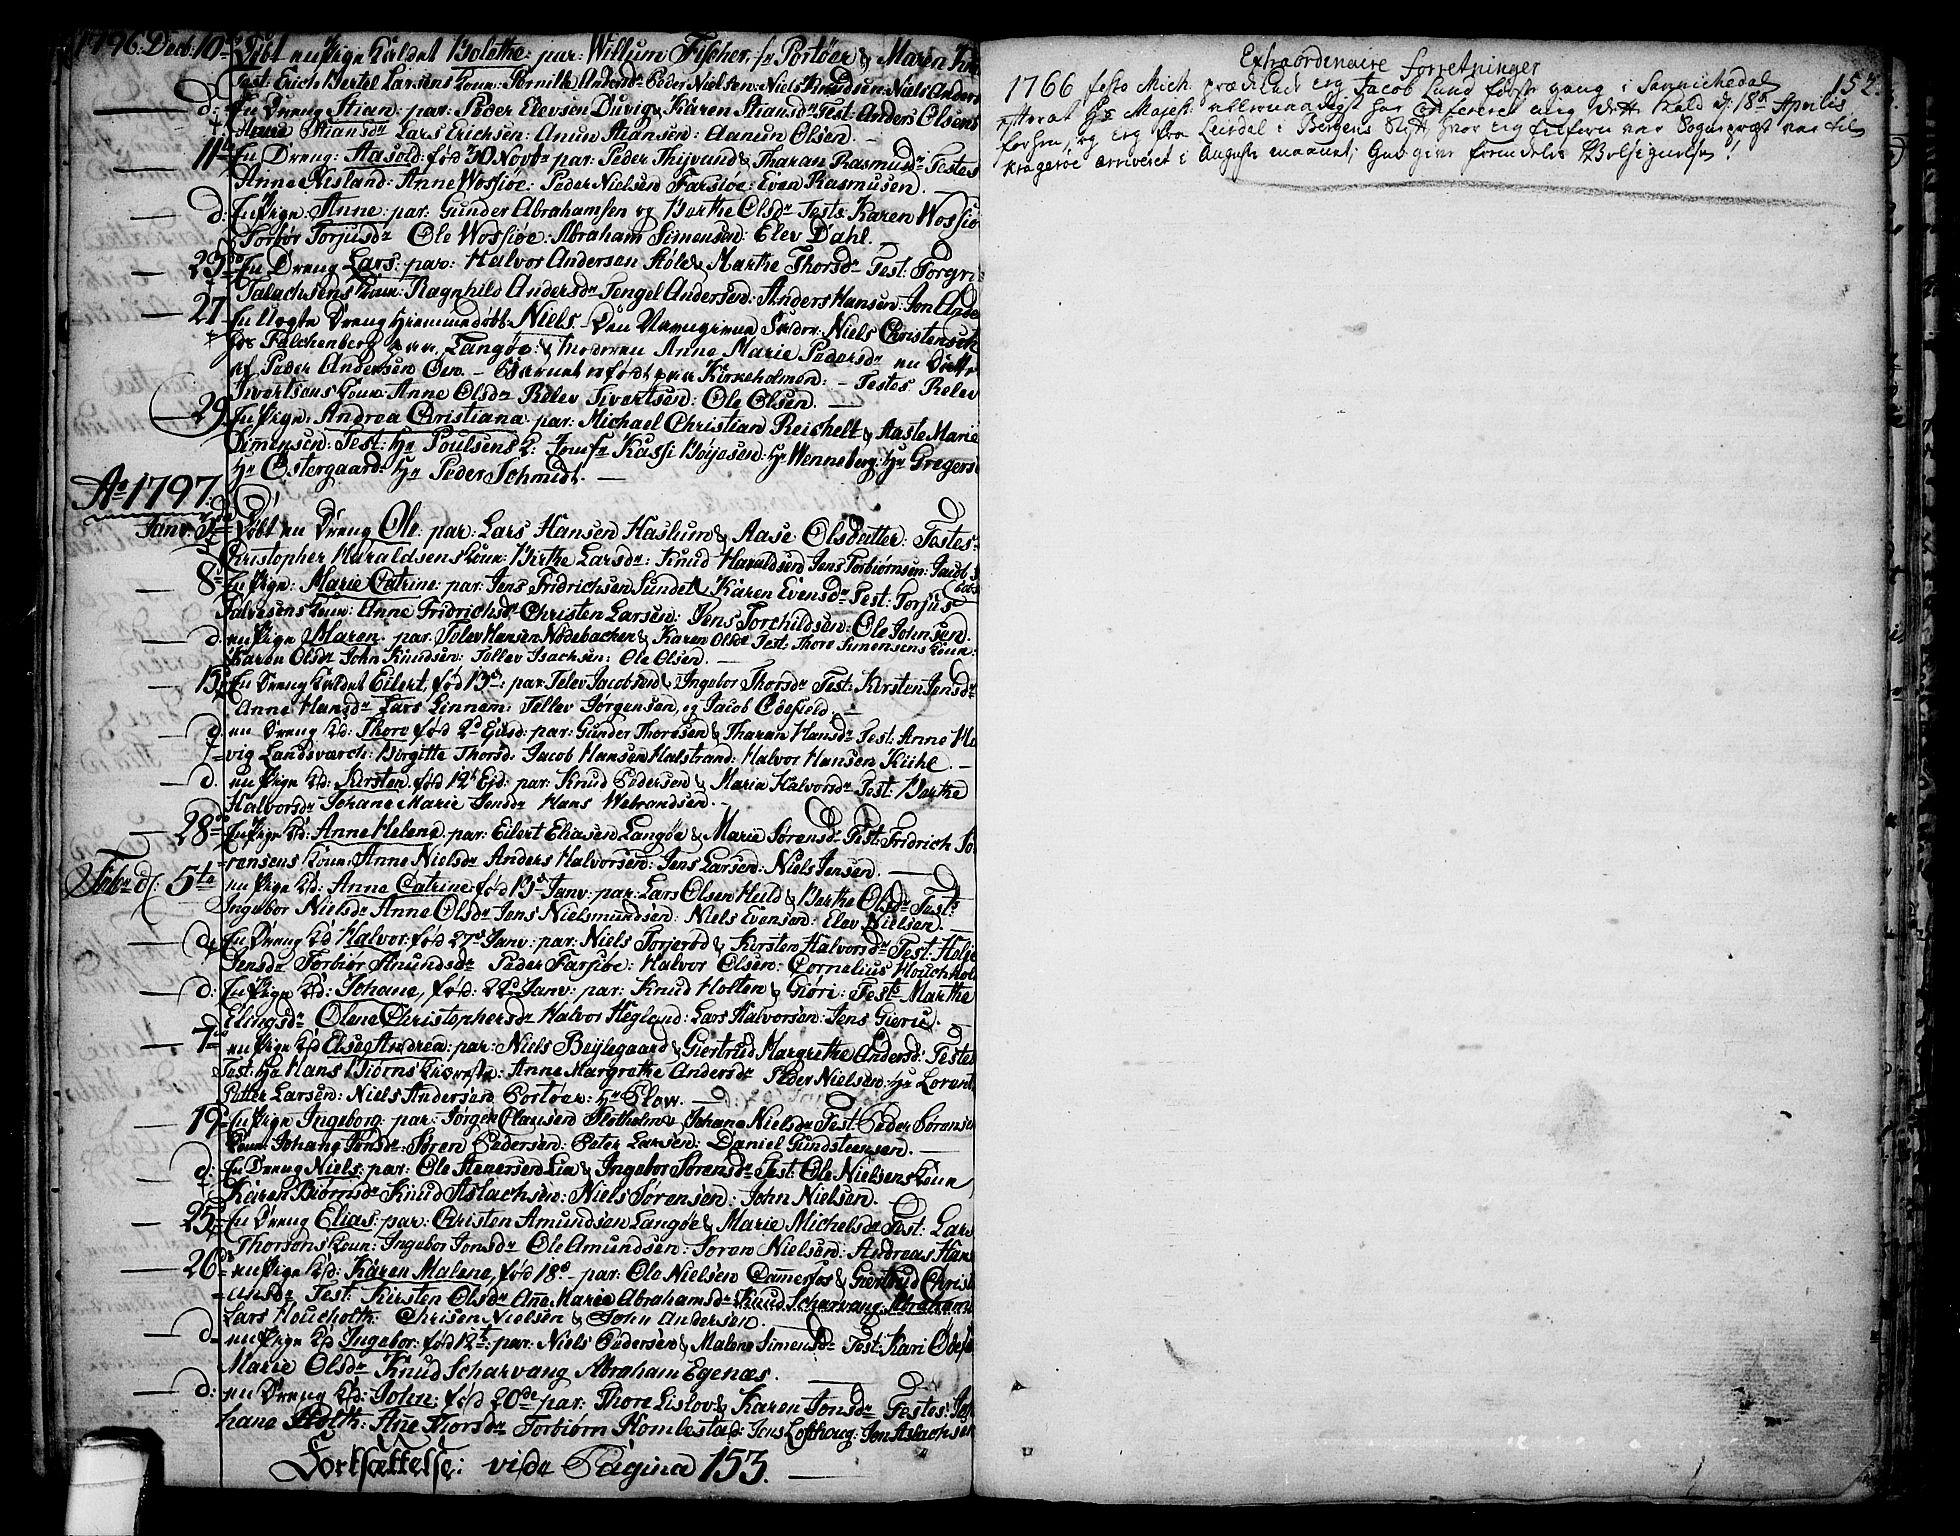 SAKO, Sannidal kirkebøker, F/Fa/L0002: Ministerialbok nr. 2, 1767-1802, s. 152